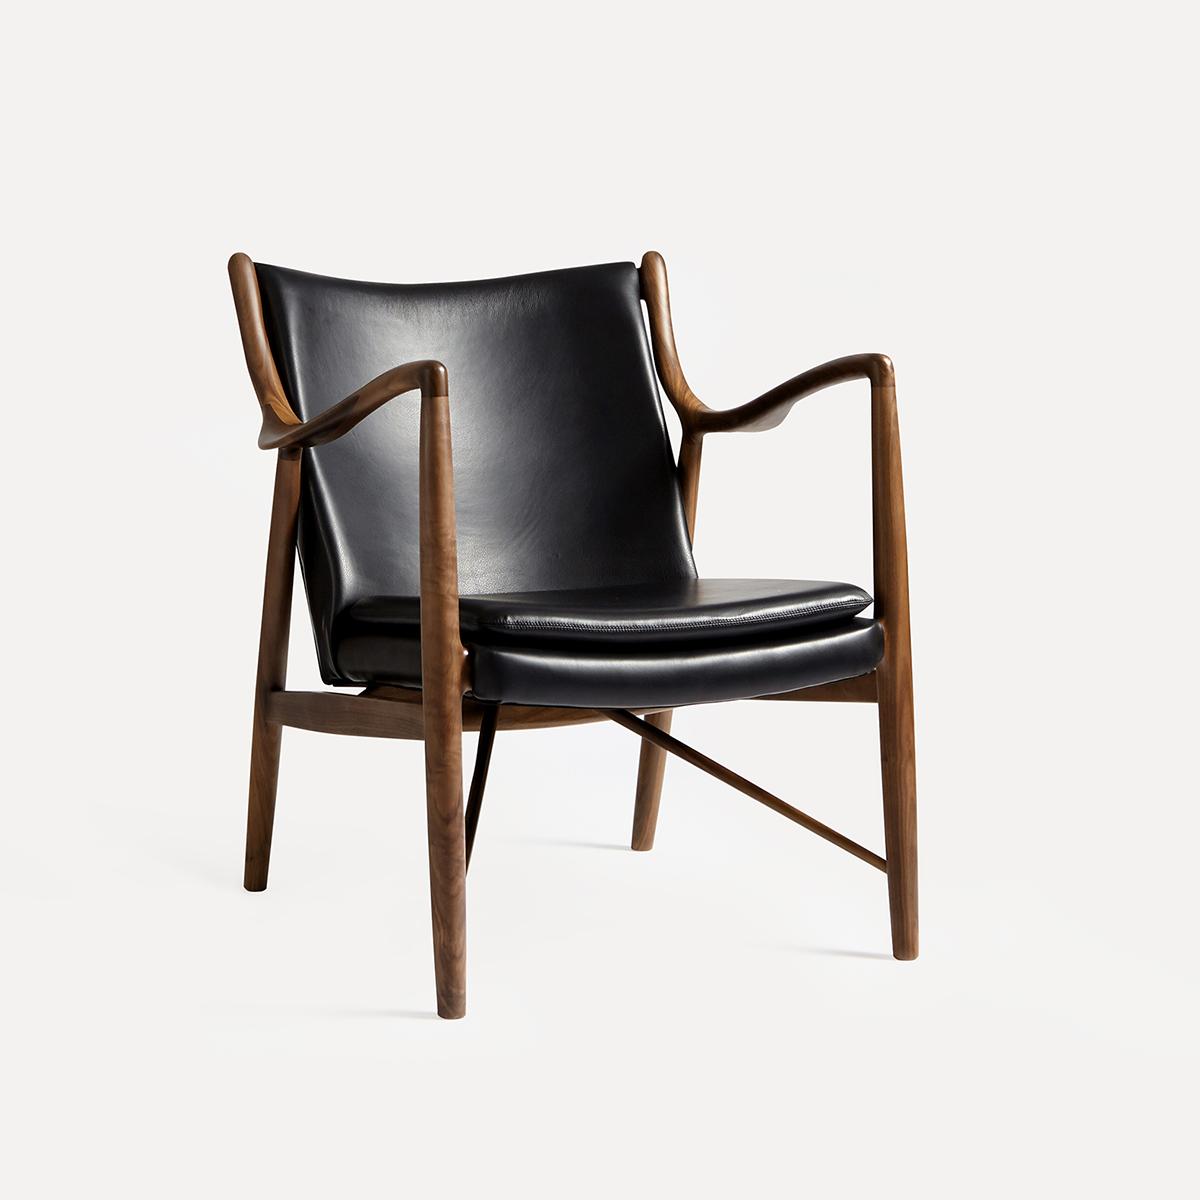 及木家具 北欧经典设计真皮沙发椅 黑胡桃 实木领地休闲椅YZ043